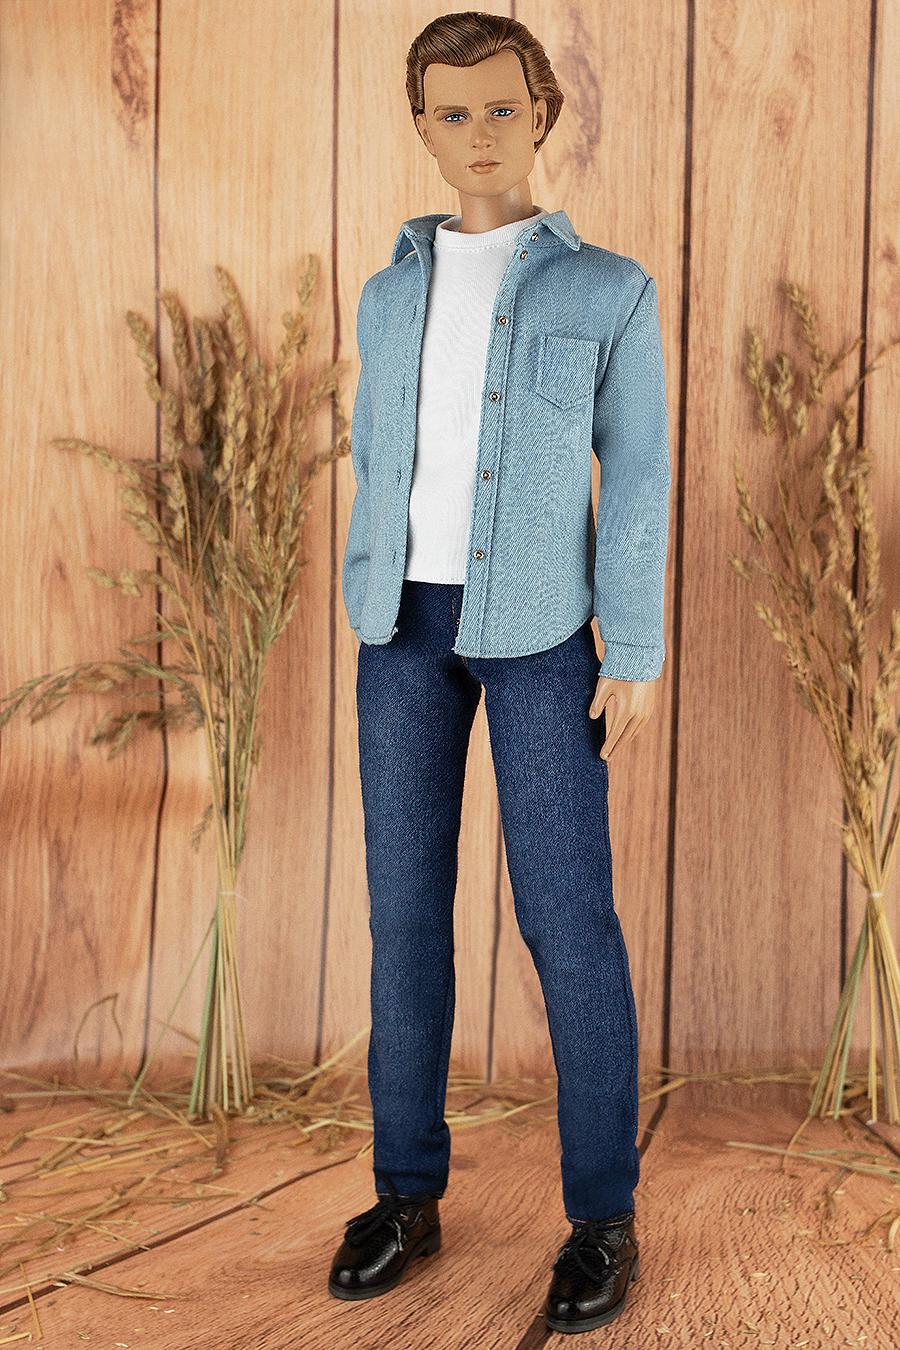 Matt O\u2019Neill Lightish Blue Denim Jeans for Tonner 17\u201d Doll